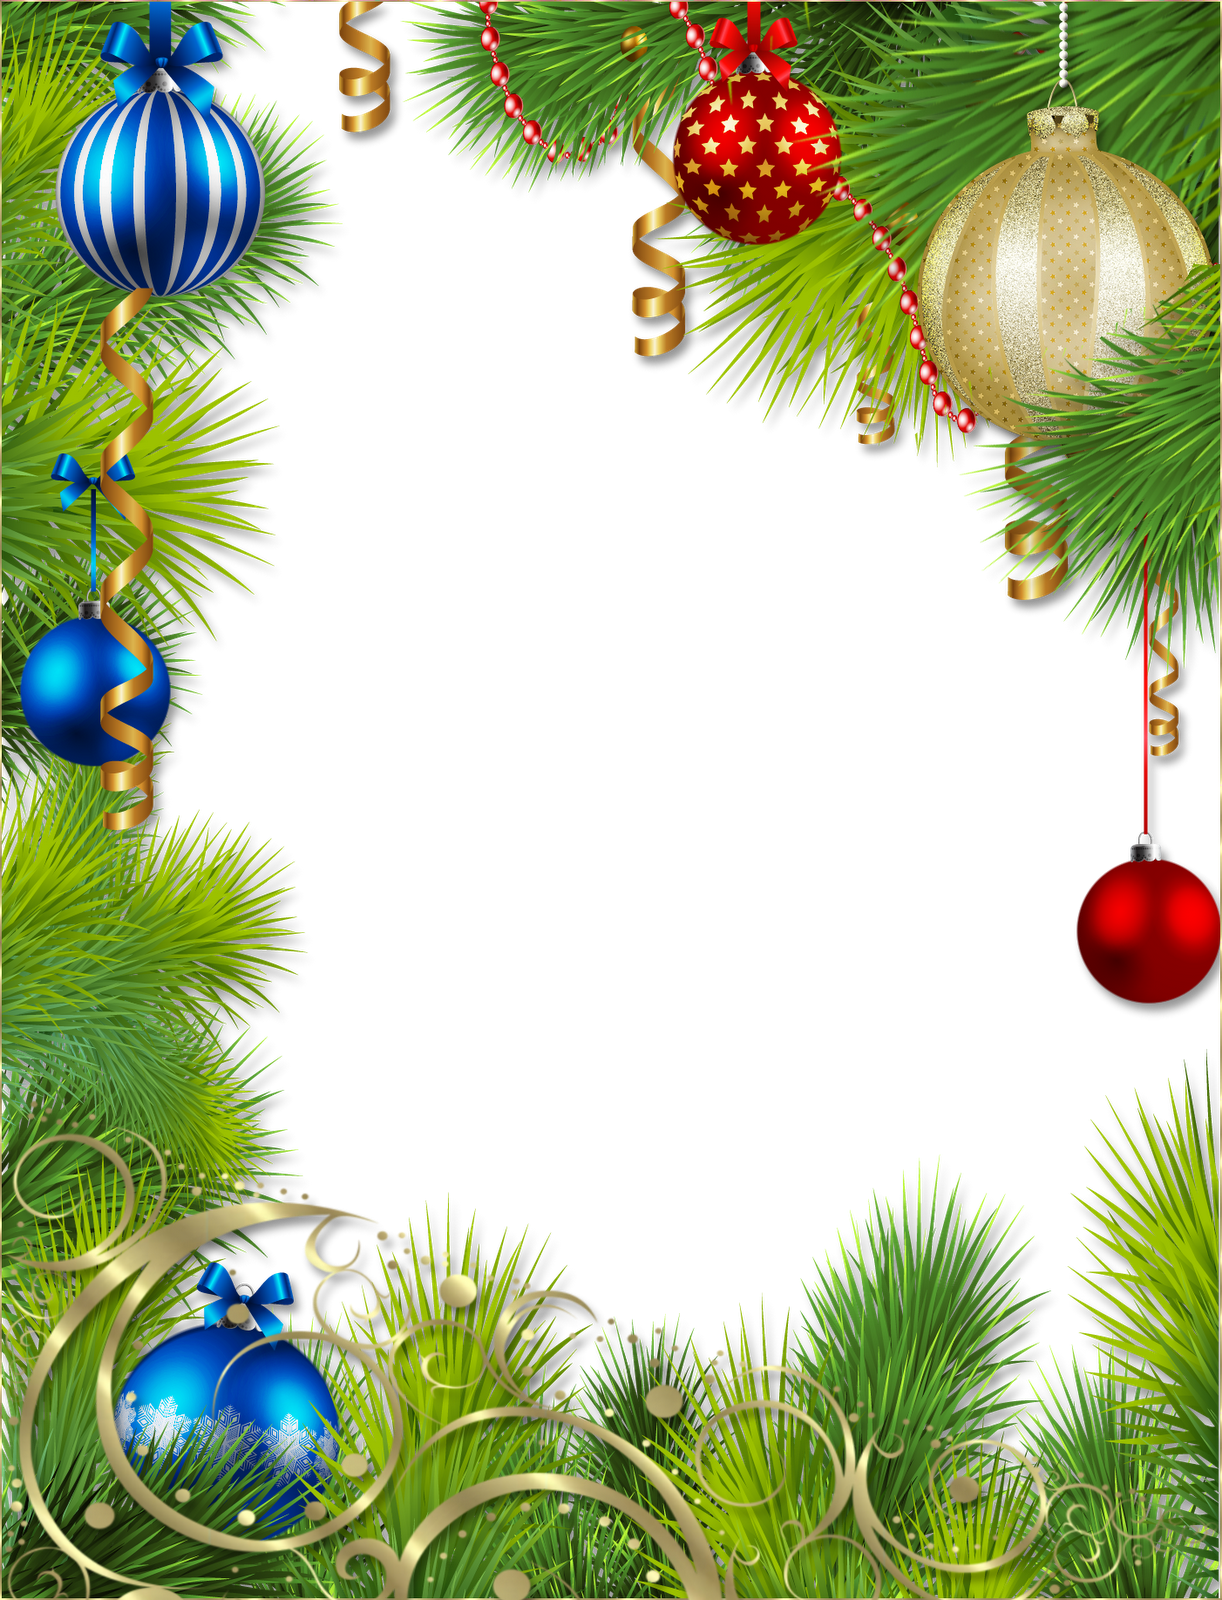 Banco de Imagenes y fotos gratis: Imágenes navideñas 2 | Christmas ...